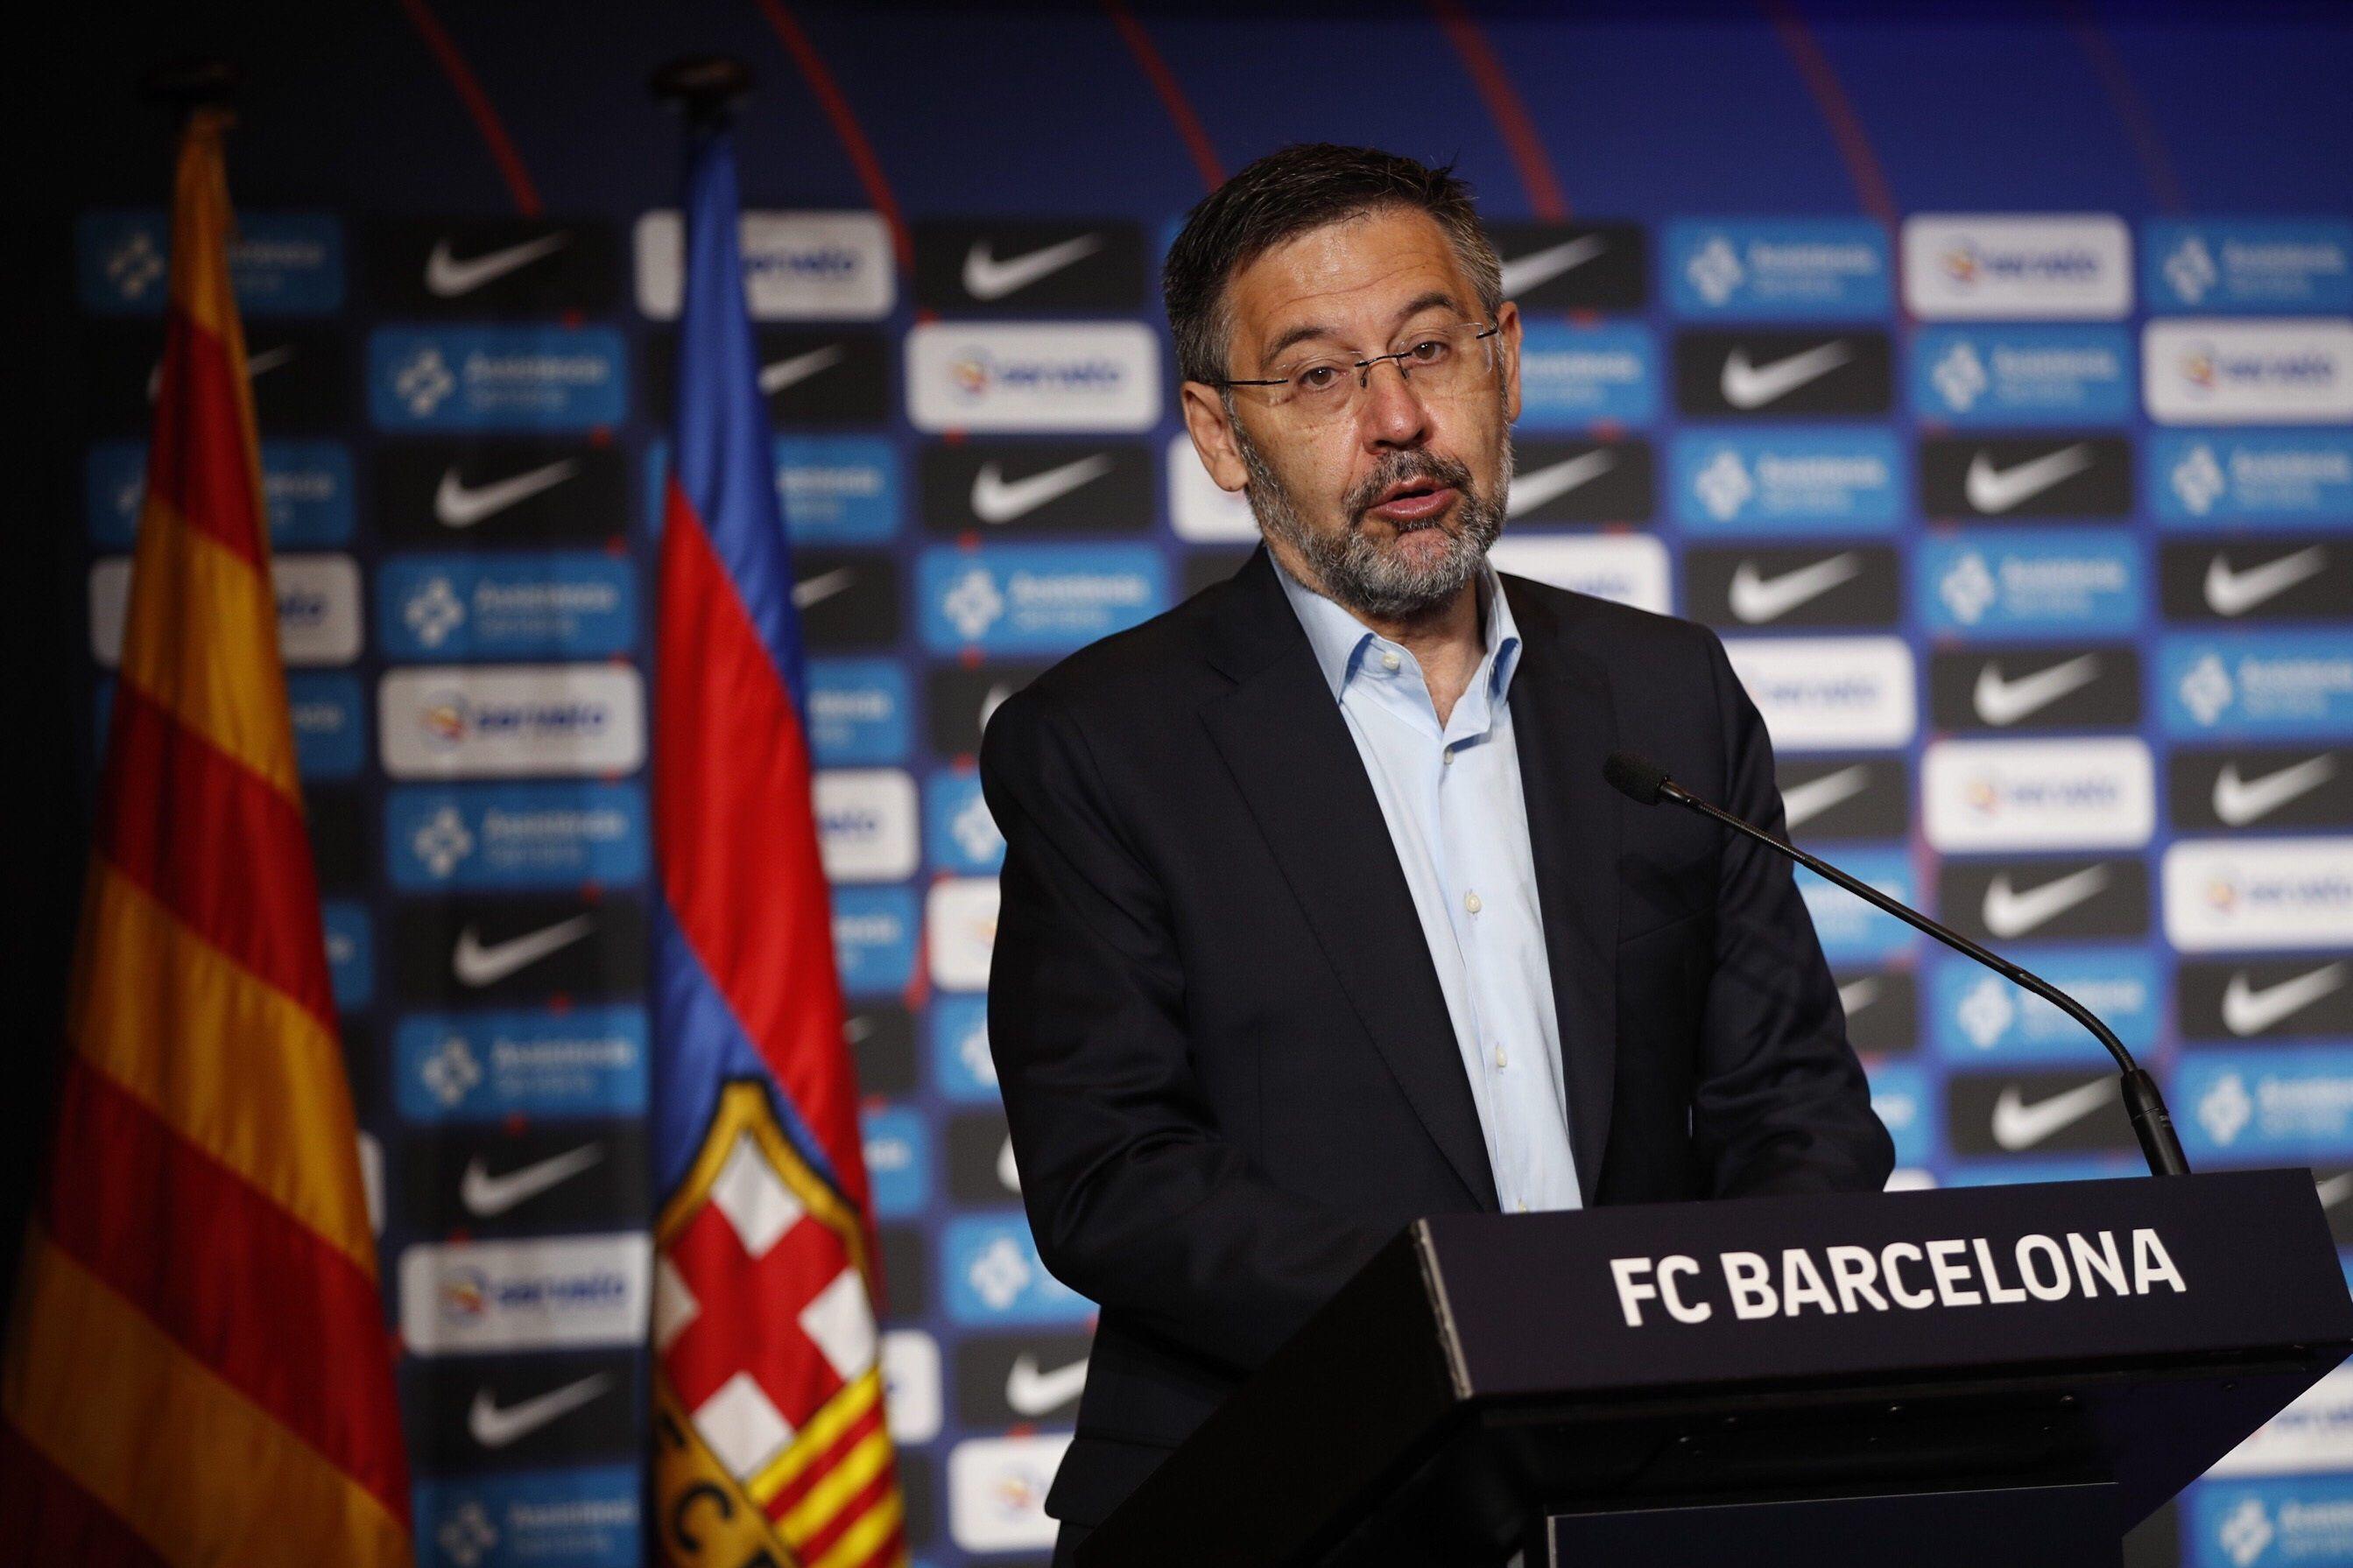 El presidente del Barcelona habló antes de que el equipo afrontara el Trofeo Joan Gamper (EFE/Alejandro García)